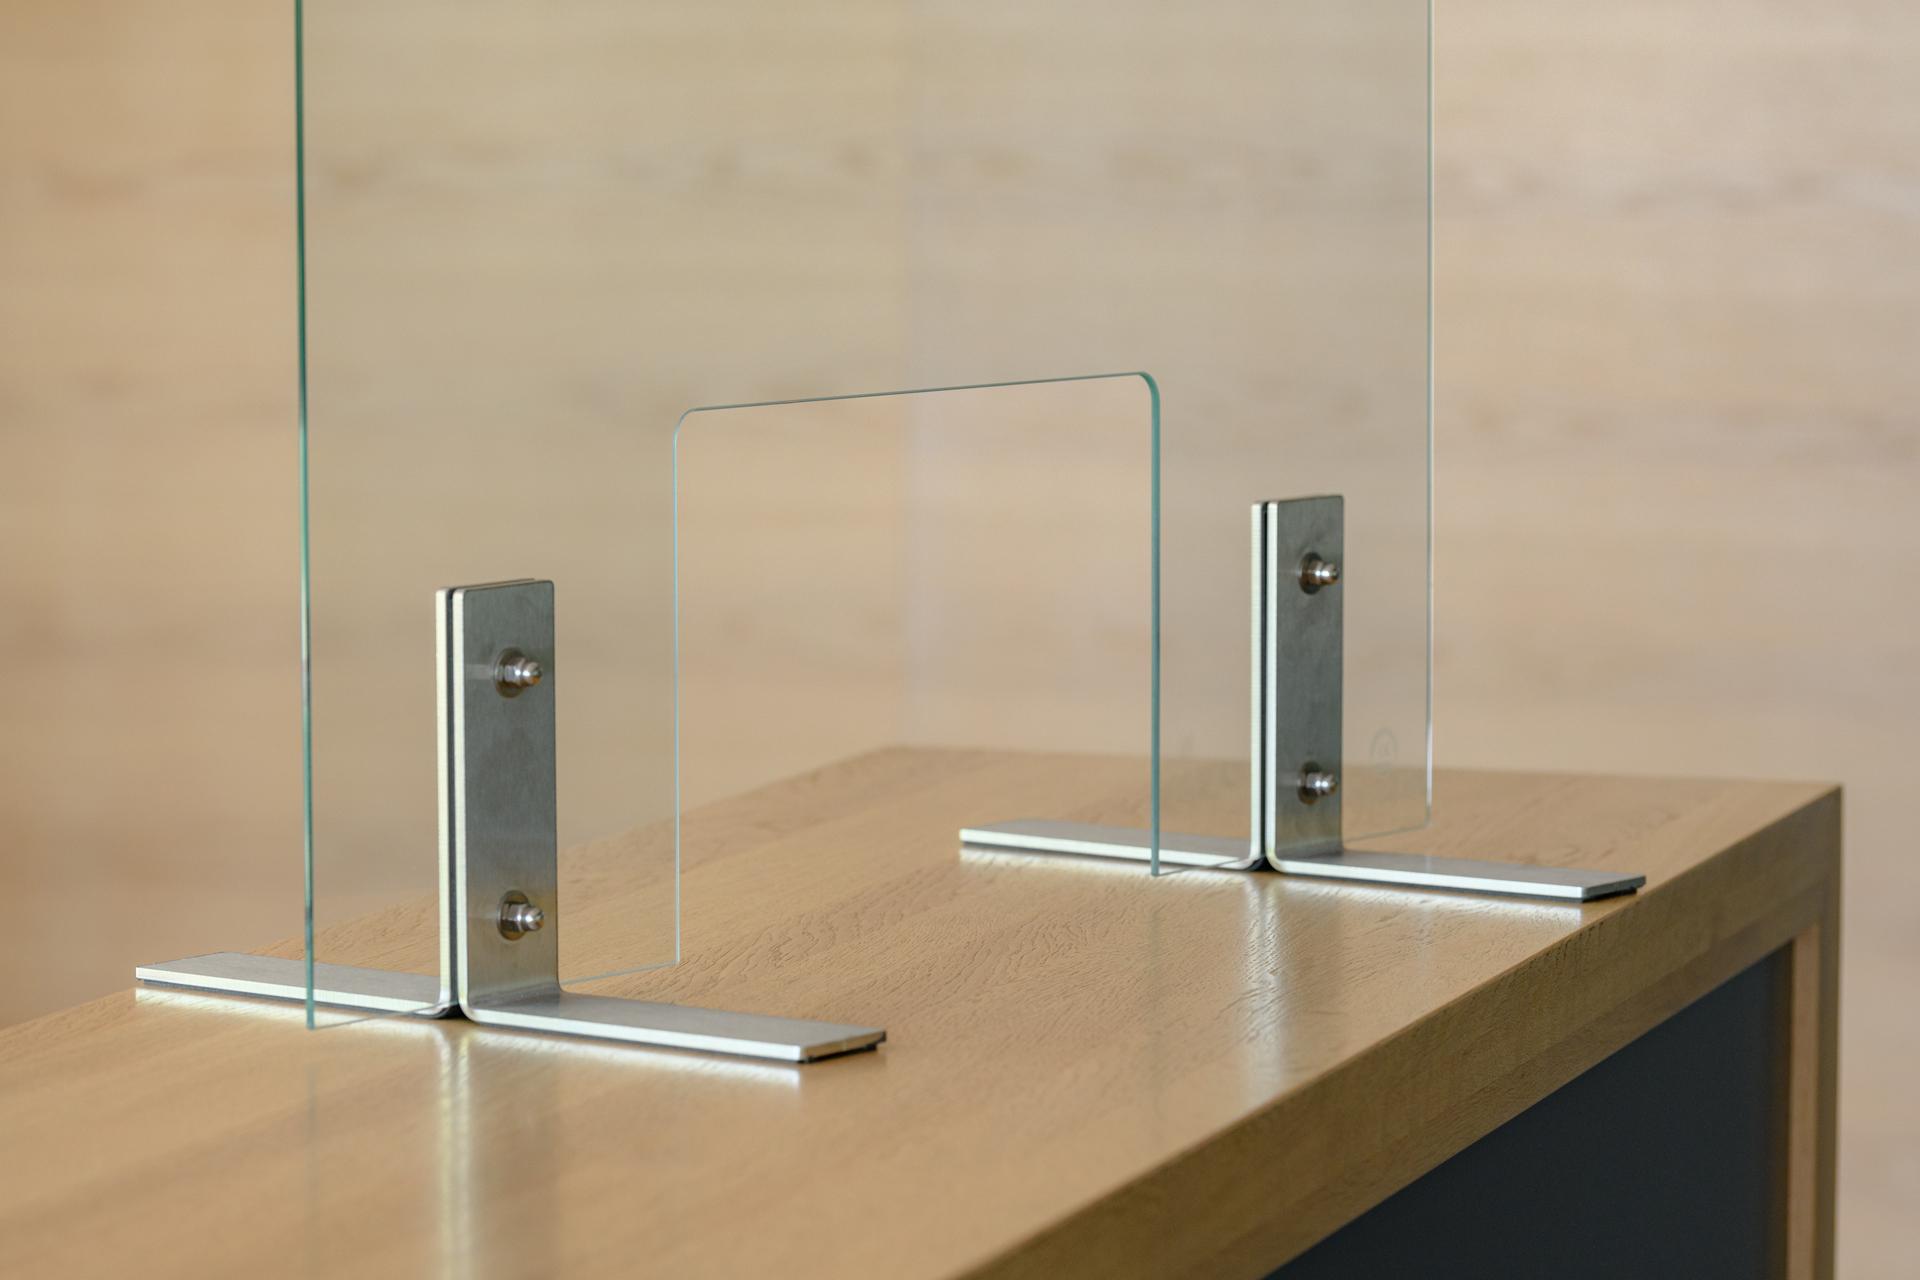 Spuck- und Niesschutz - Thekenaufsatz - Hustenschutz - Schutzglas, 4mm ESG